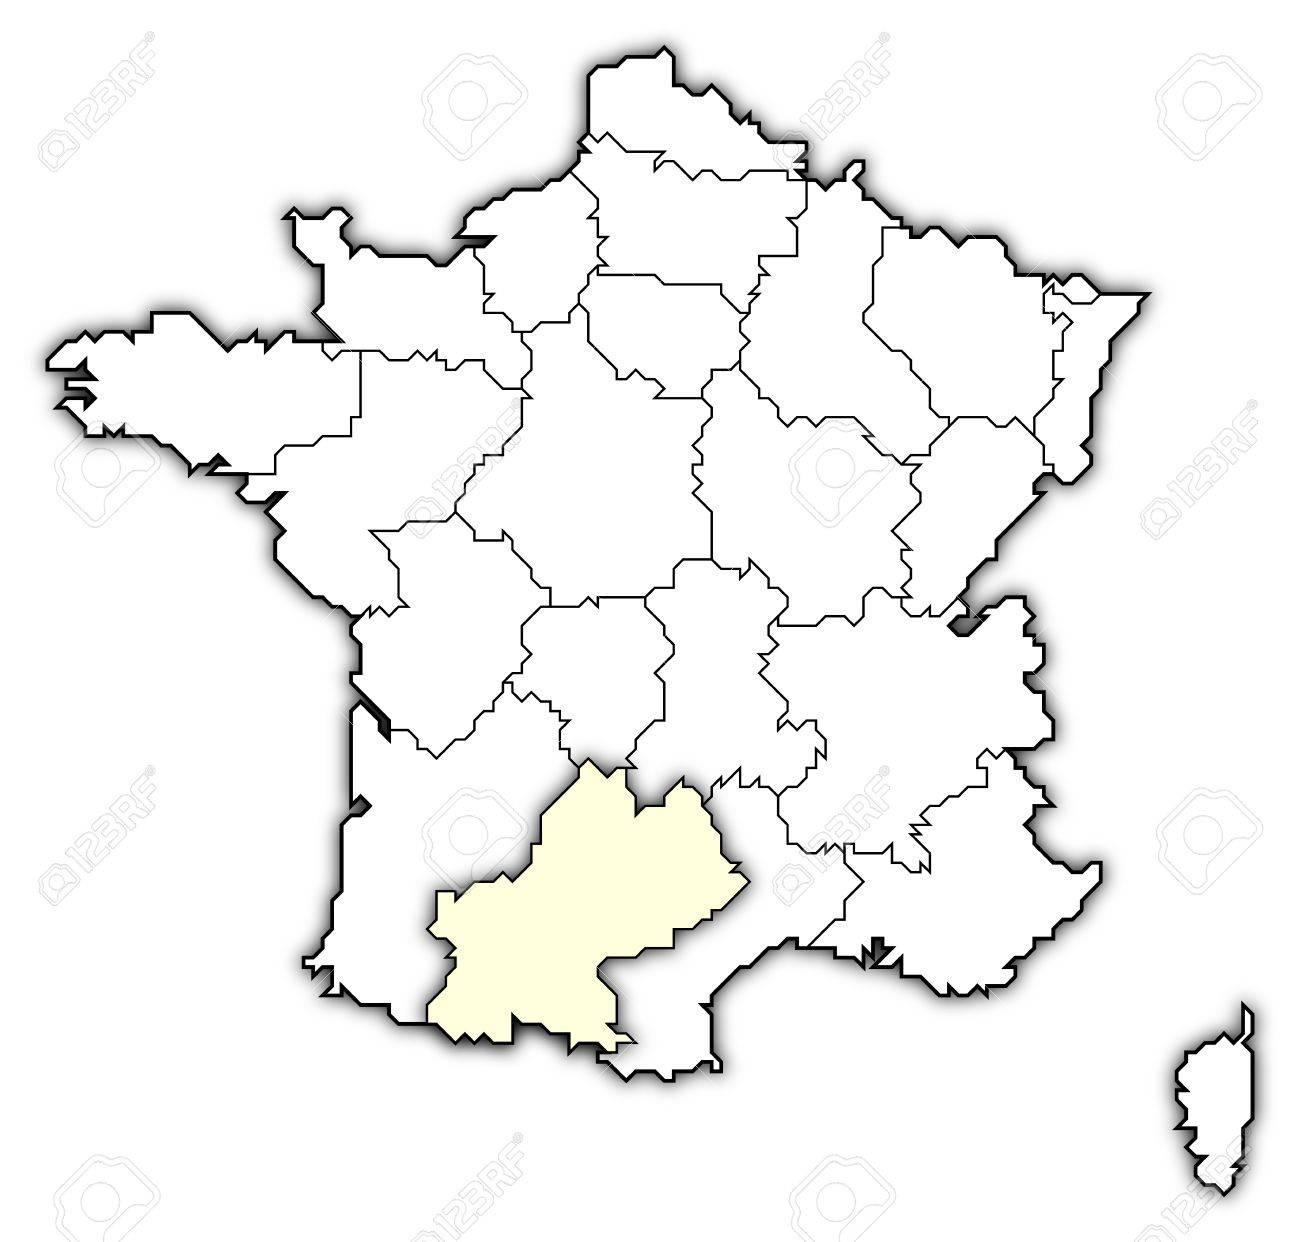 Regioni Francia Cartina.Immagini Stock Mappa Politica Della Francia Con Le Varie Regioni In Cui E Evidenziato Midi Pyrnes Image 10865047